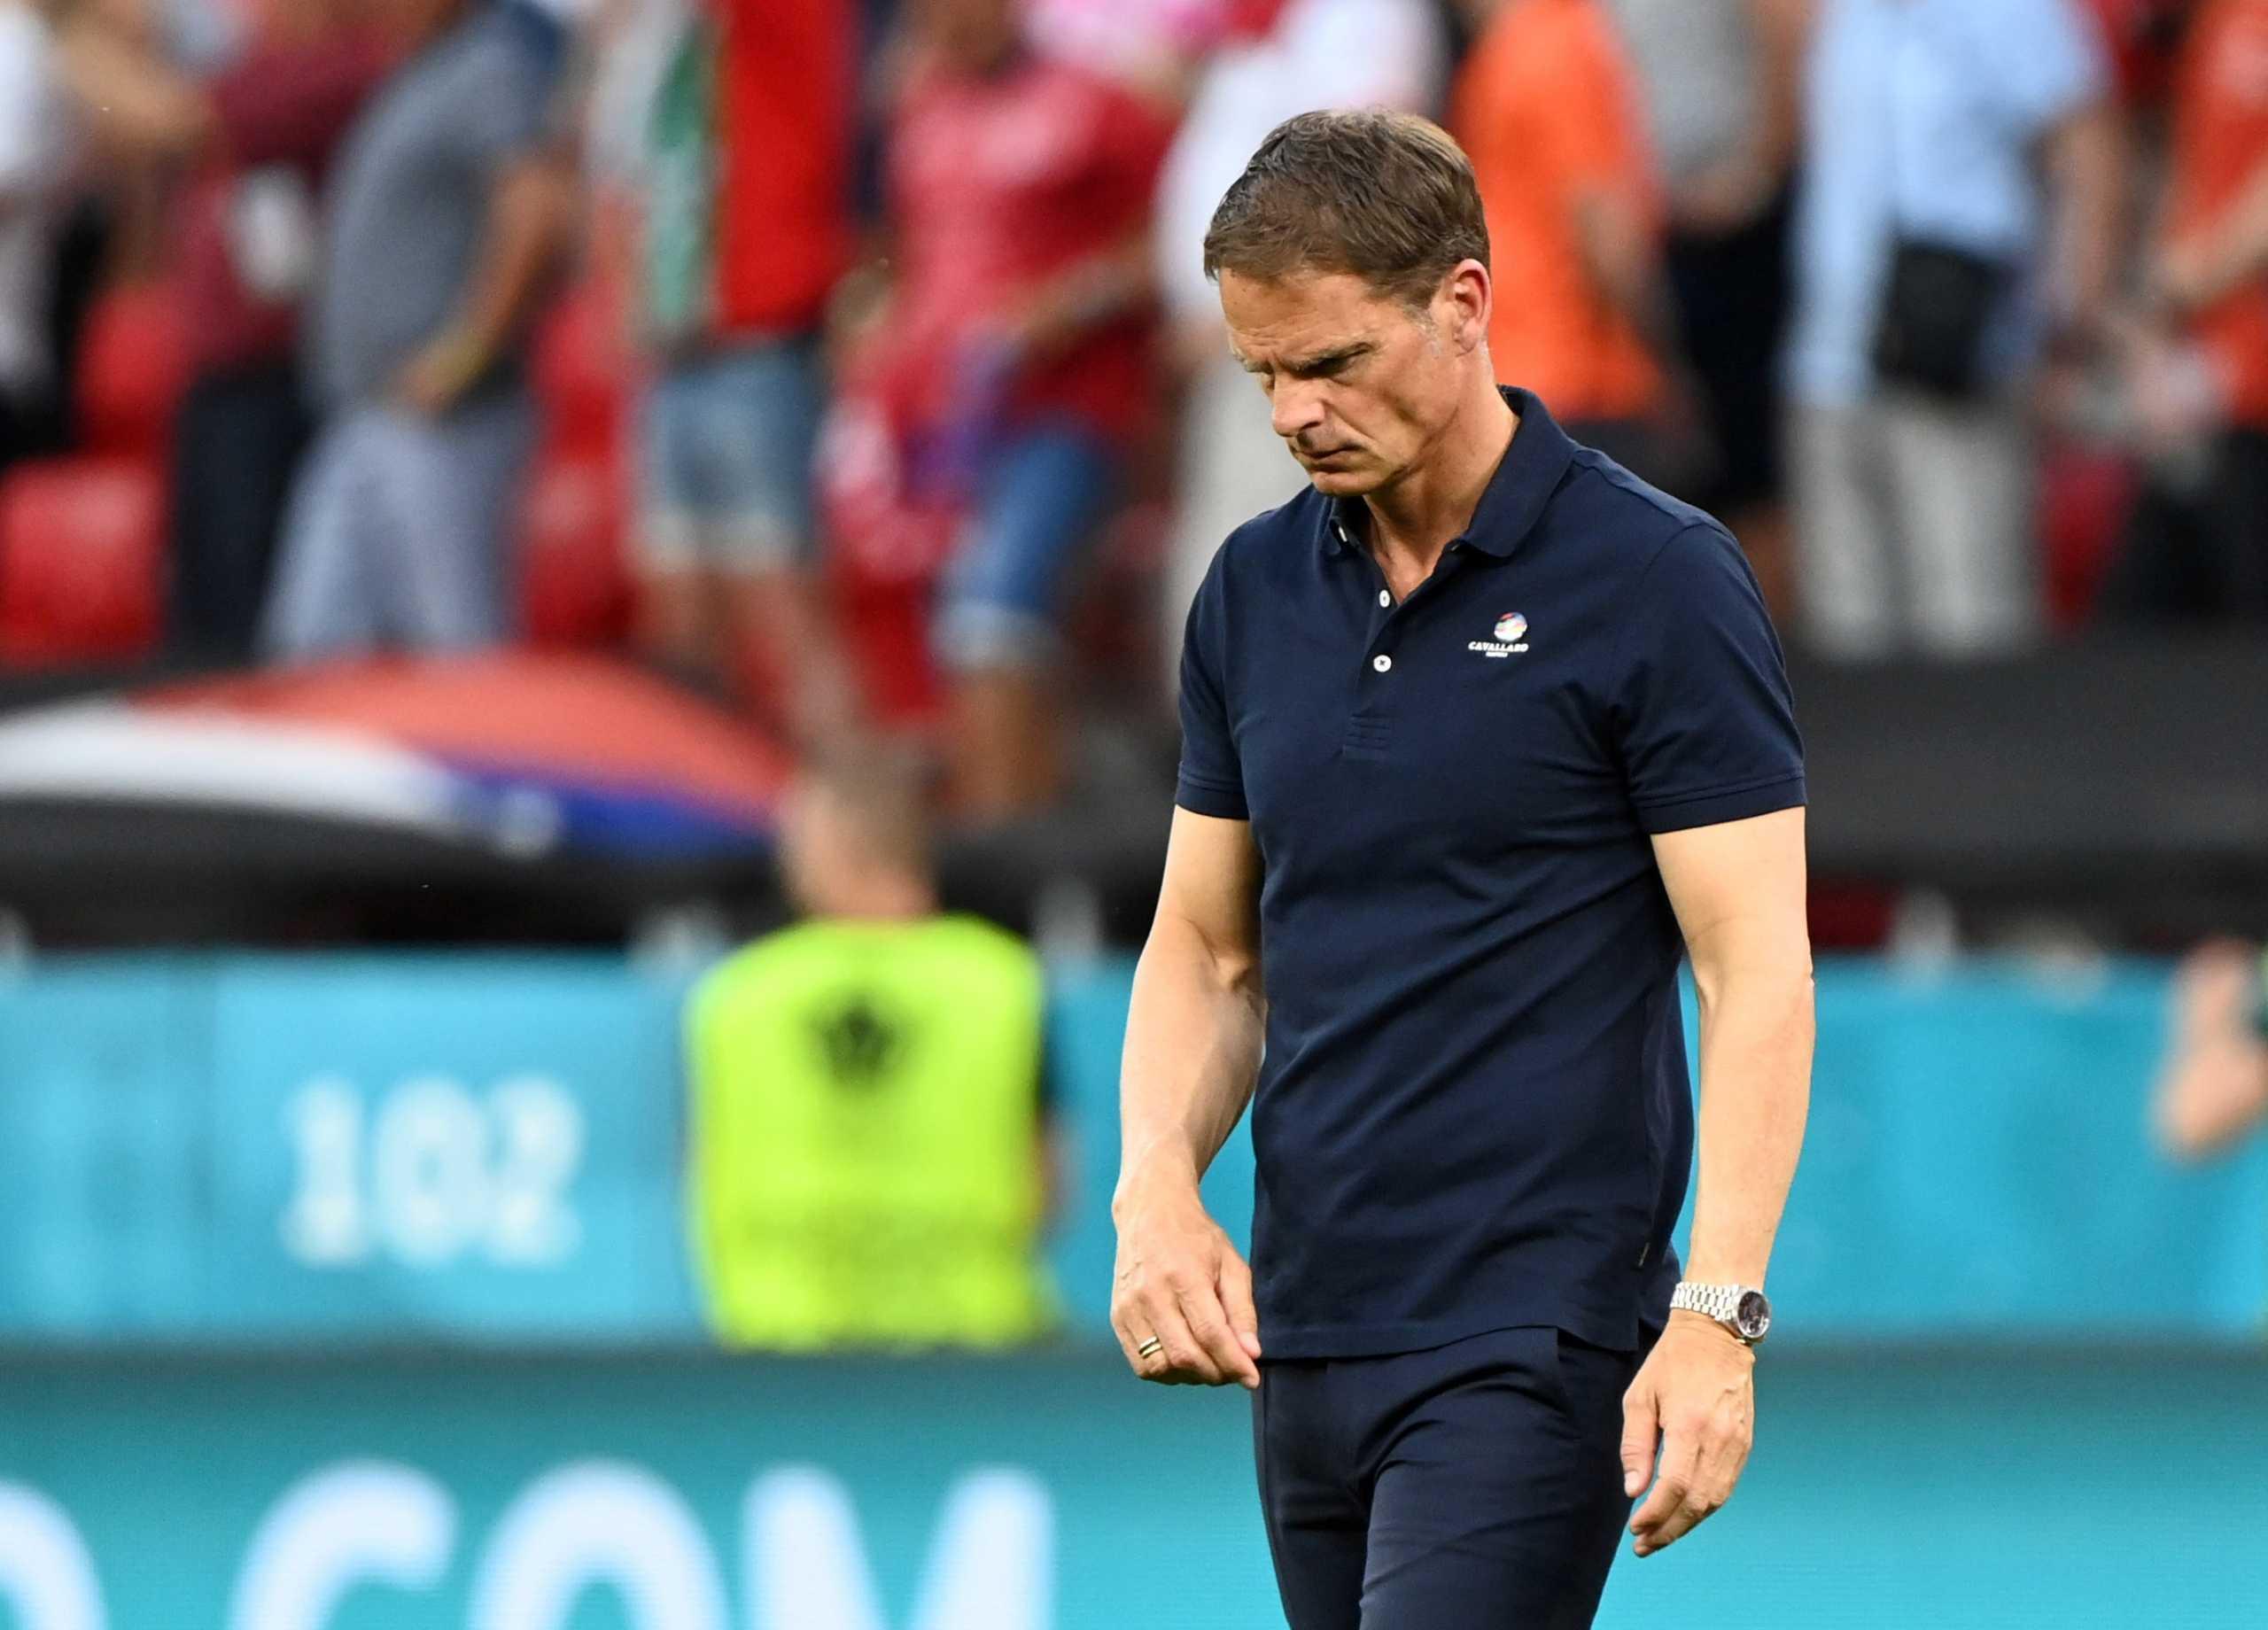 Euro 2020: Τέλος ο Φρανκ Ντε Μπουρ από τον πάγκο της Εθνικής Ολλανδίας